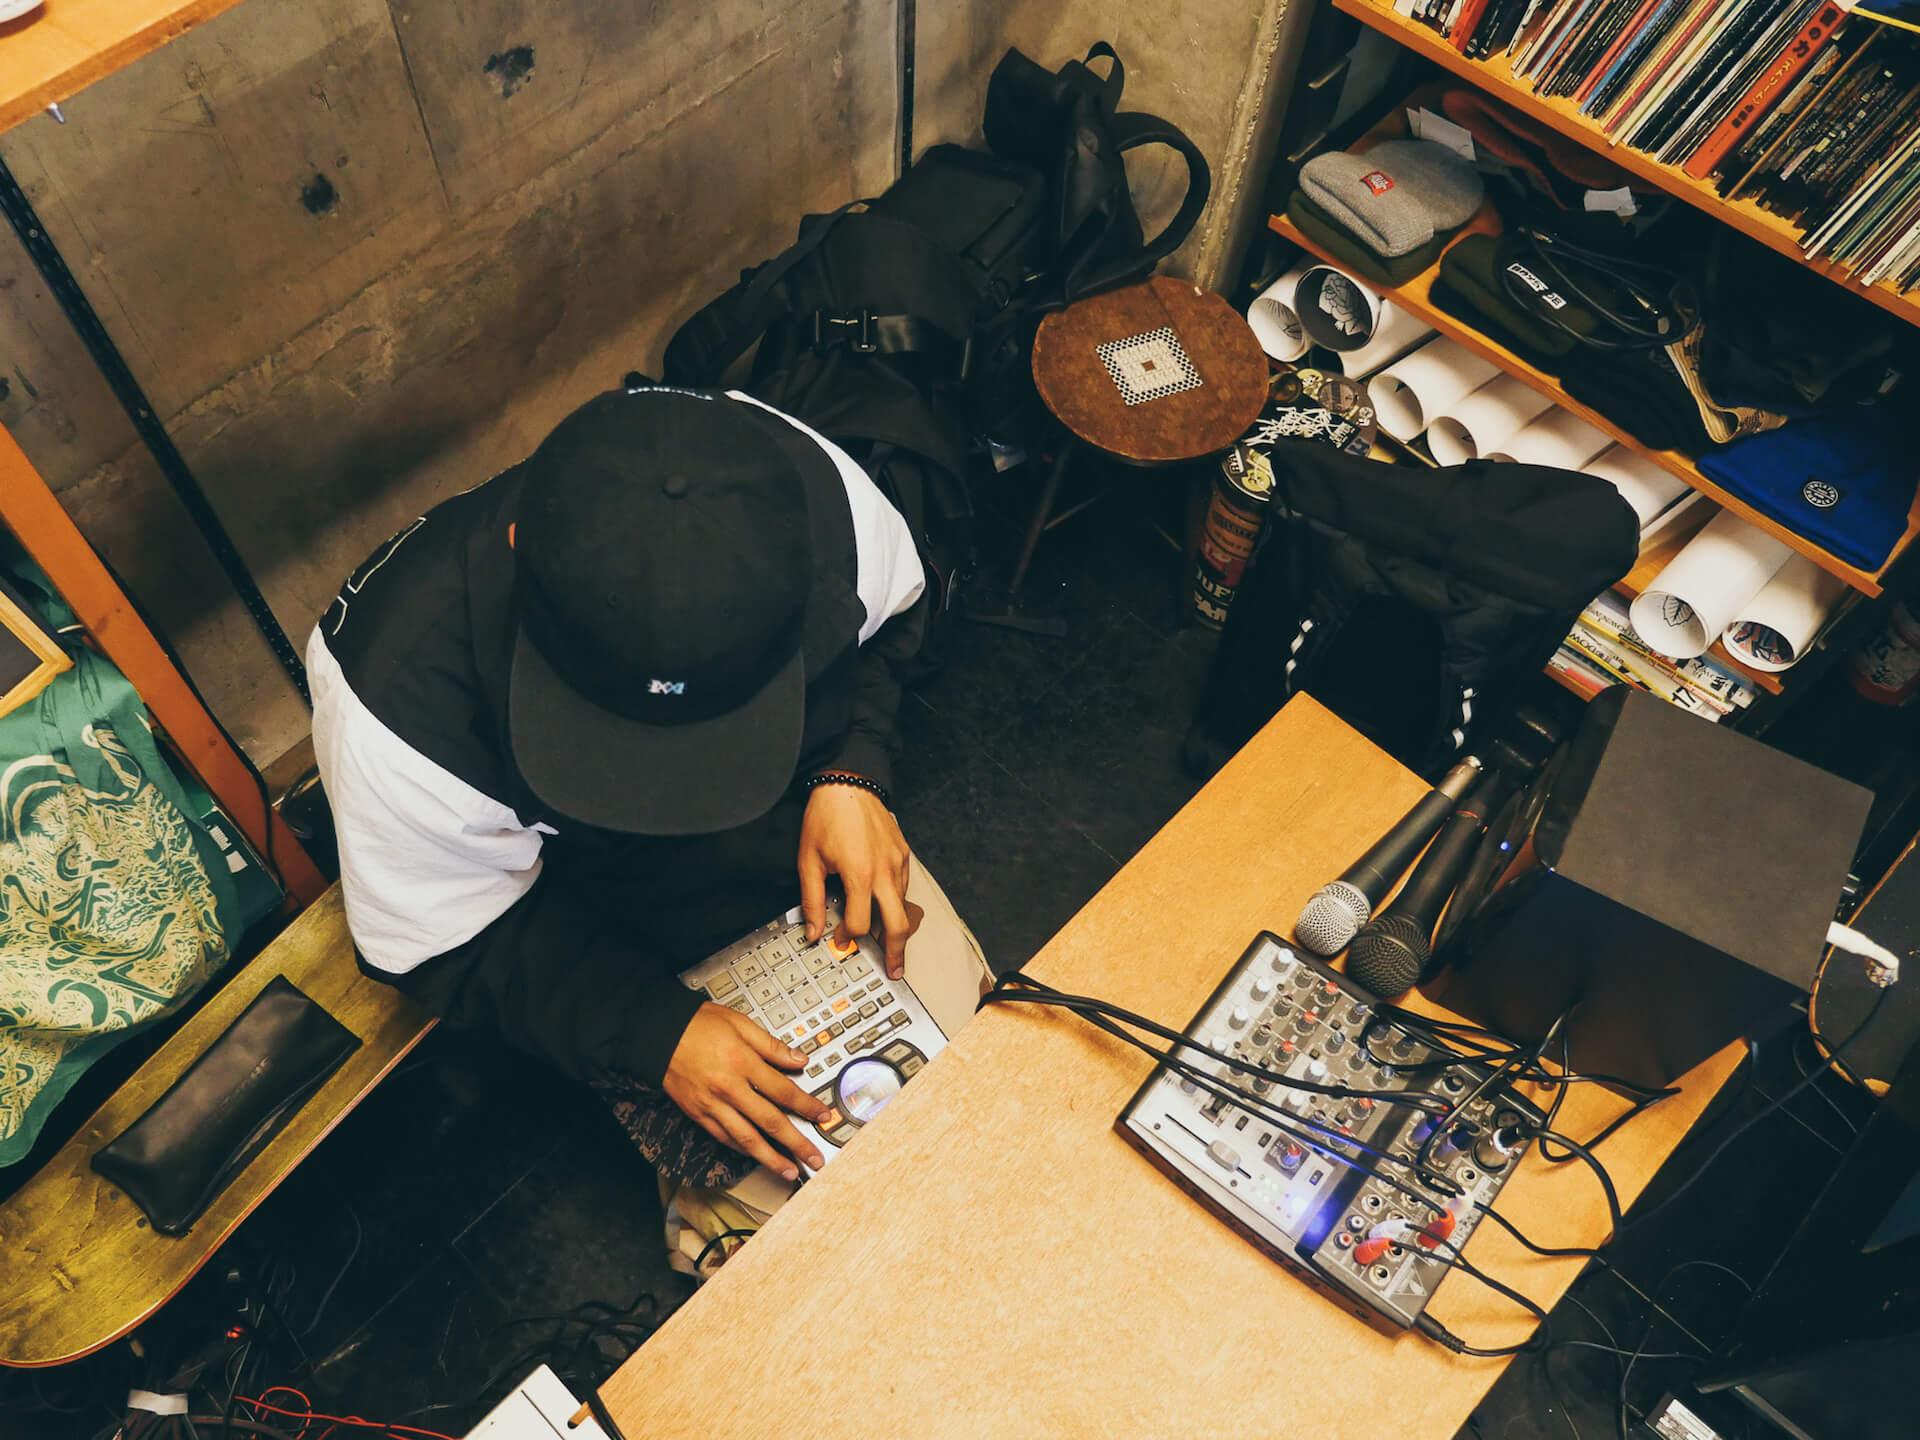 ビートは世界と出会う――BEAT MEETS WORLD x WANDERMAN POP UP in RAH YOKOHAMA REPORT interview-beat-meets-world-pop-up-report-20